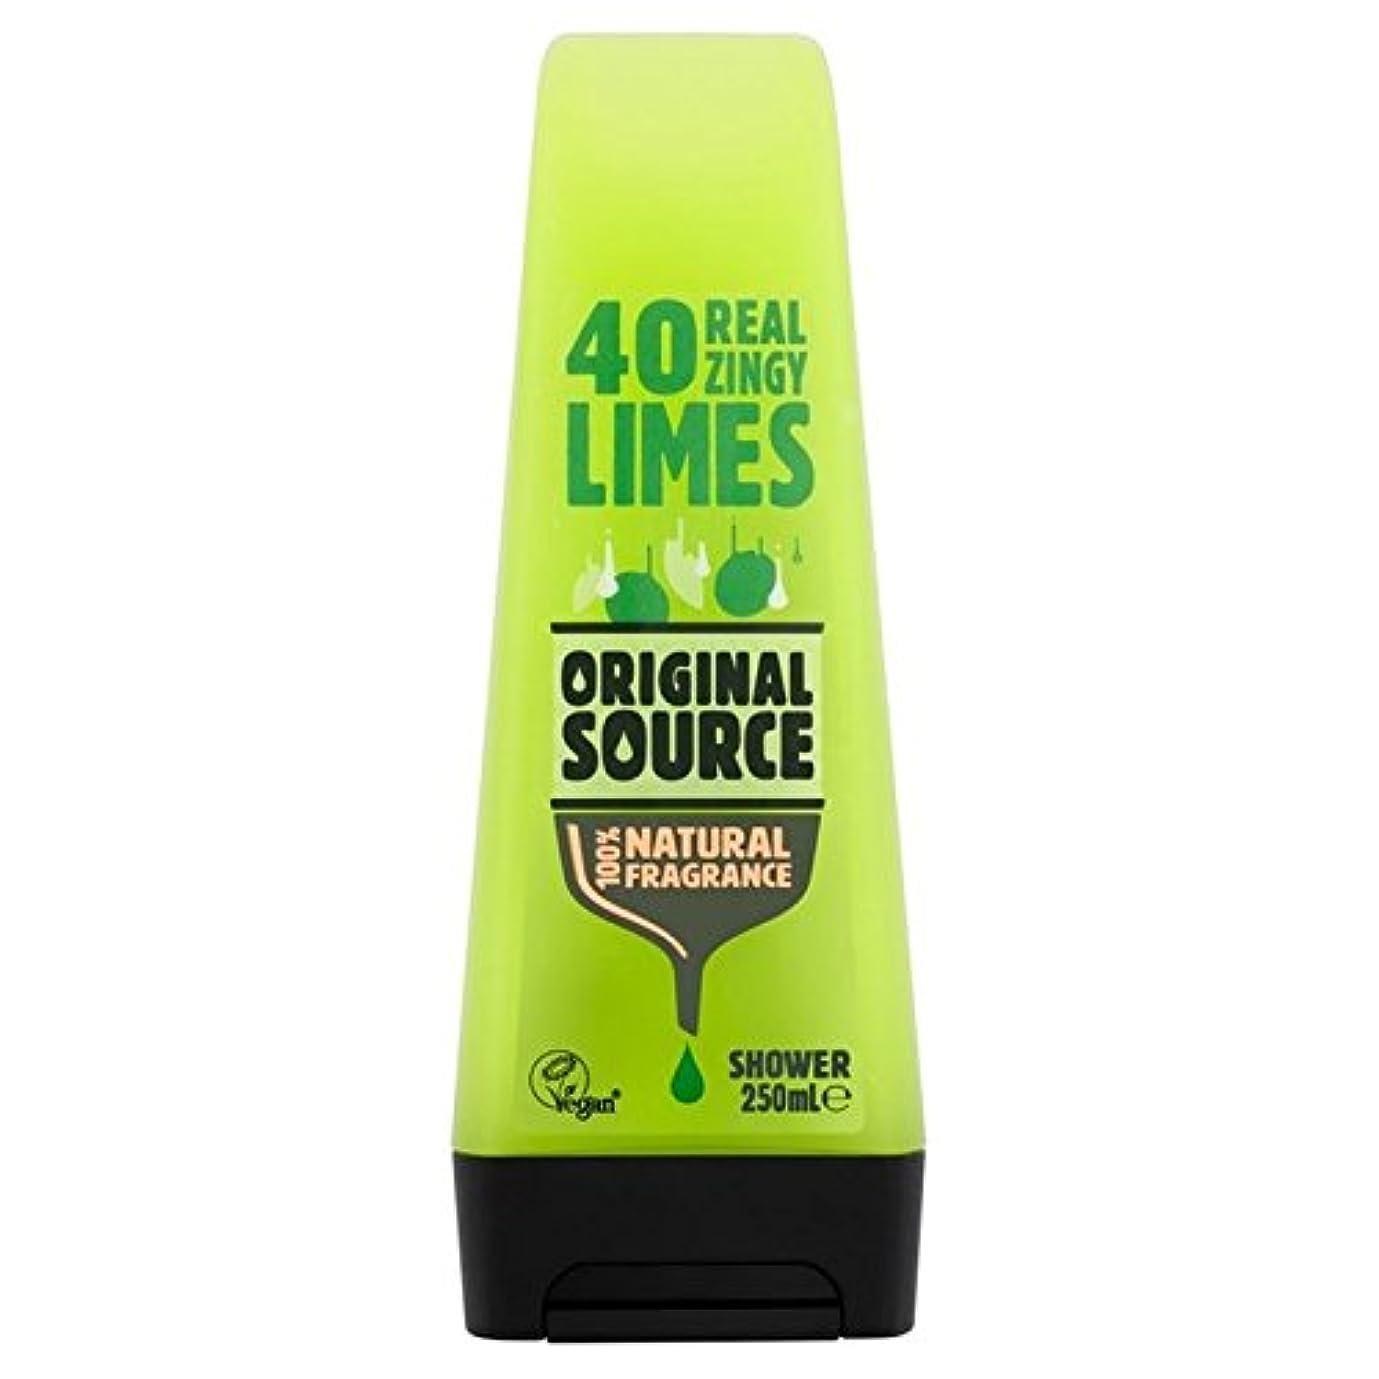 分離する学校修正するOriginal Source Lime Shower Gel 250ml (Pack of 6) - 元のソースライムシャワージェル250ミリリットル x6 [並行輸入品]